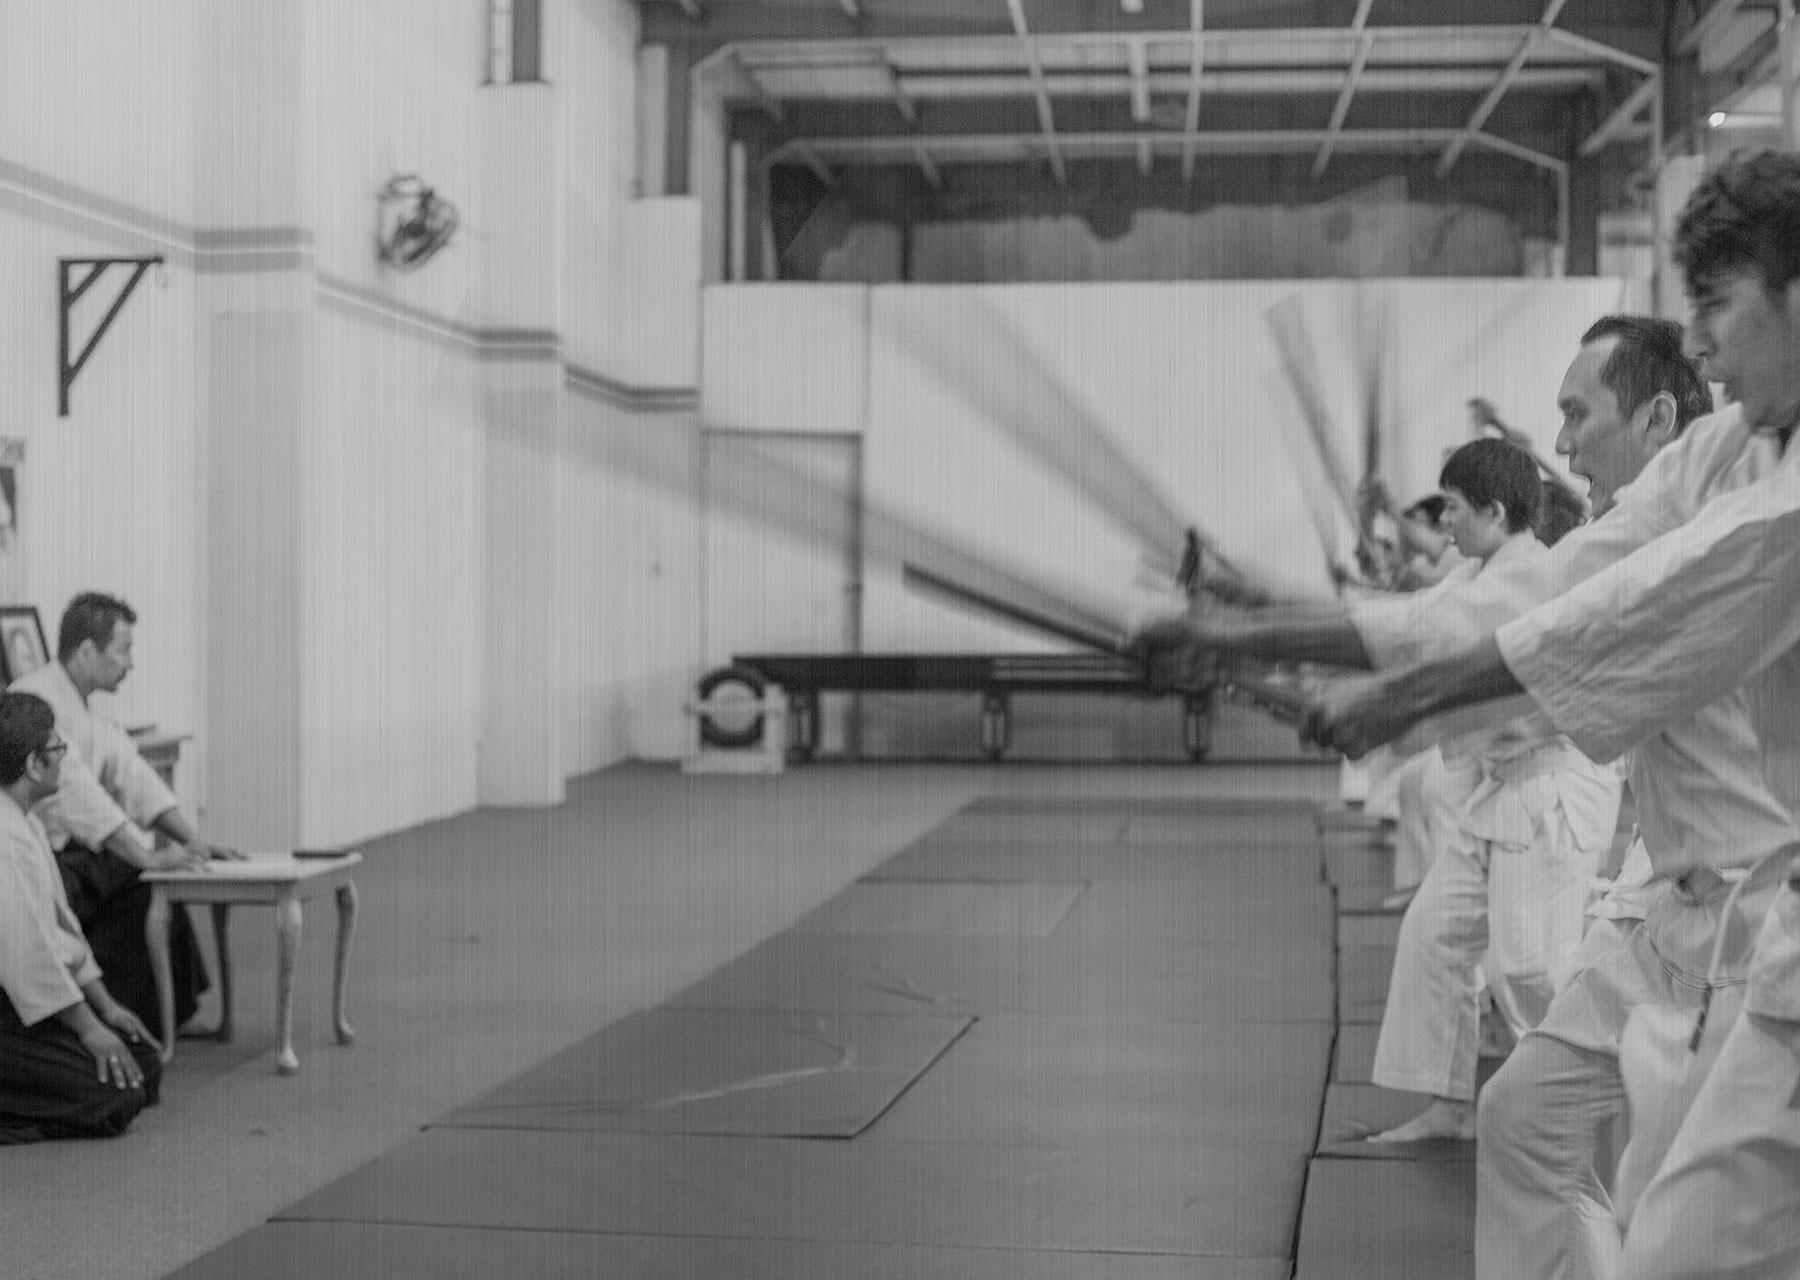 Iwama Shinshin Aikido Busenkai – Dento Iwama Ryu Aikido